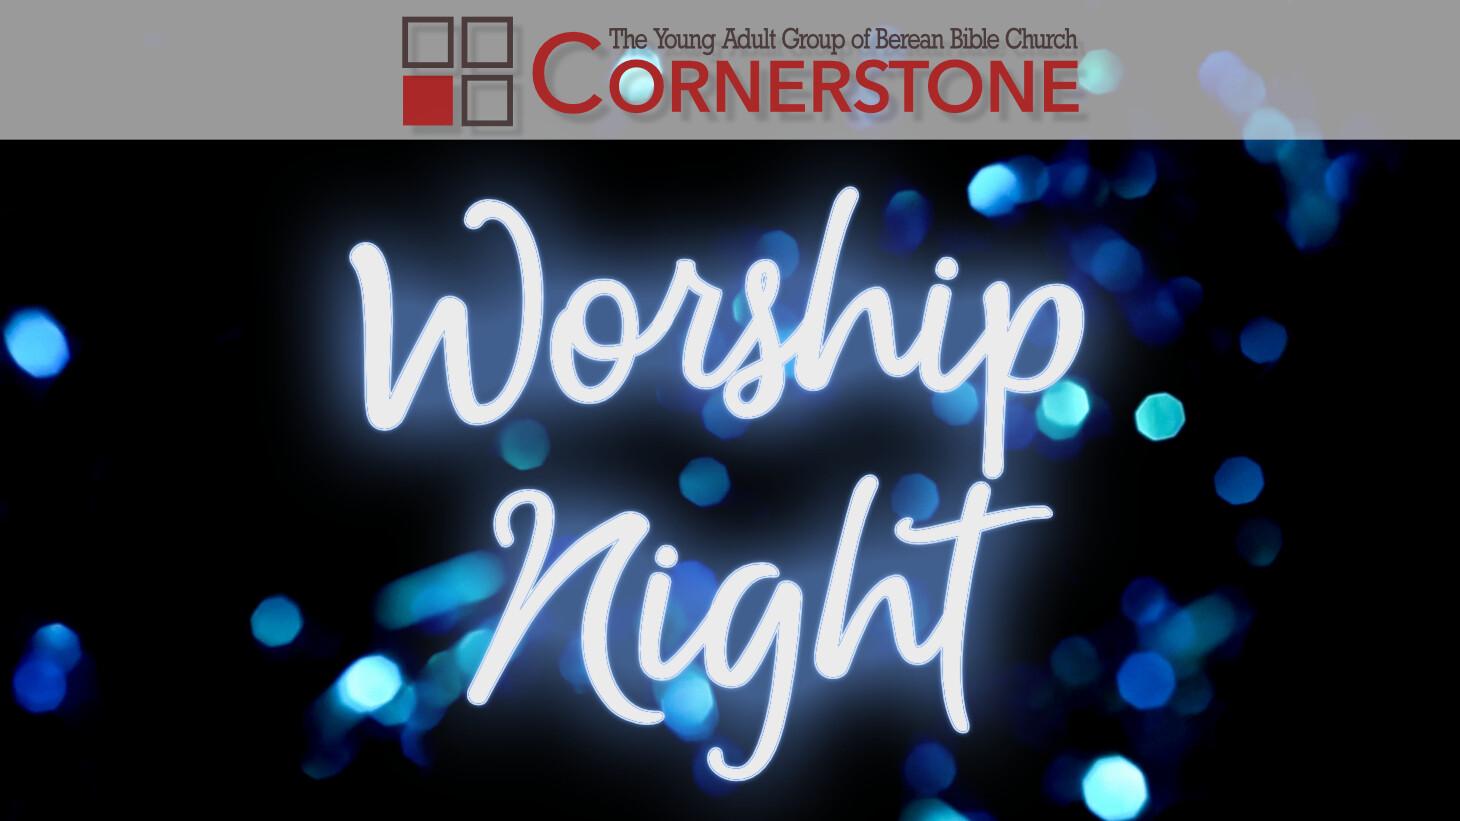 Cornerstone - Worship Night